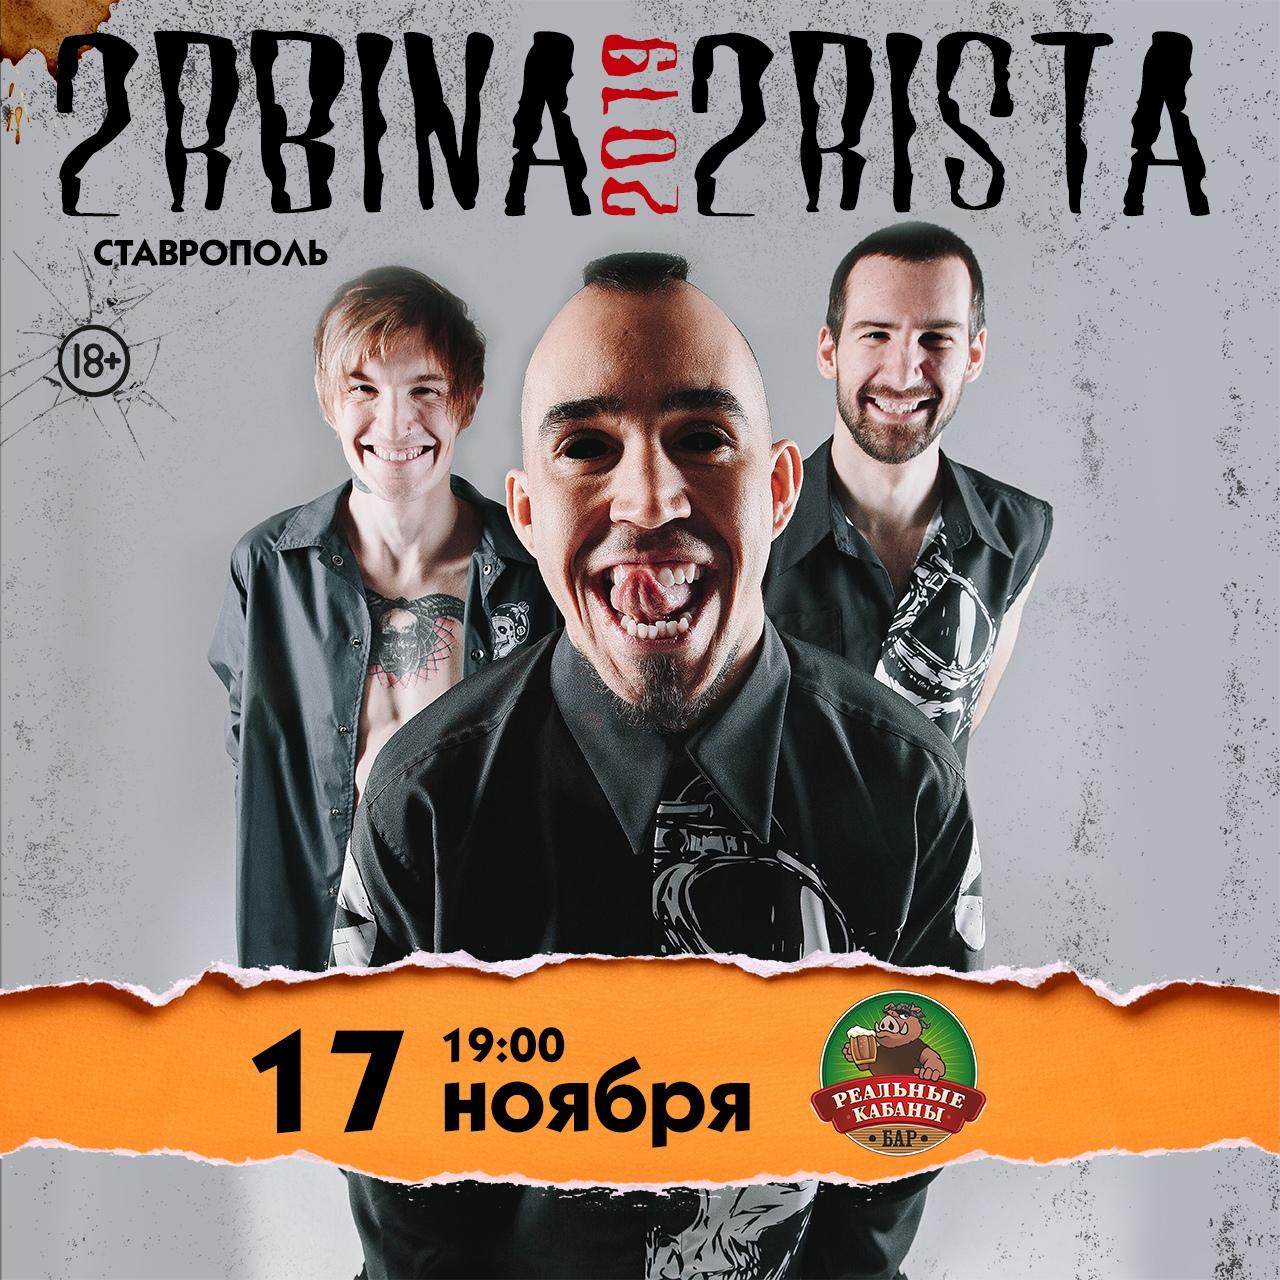 ✪ 2rbina 2rista ✪ - Ставрополь